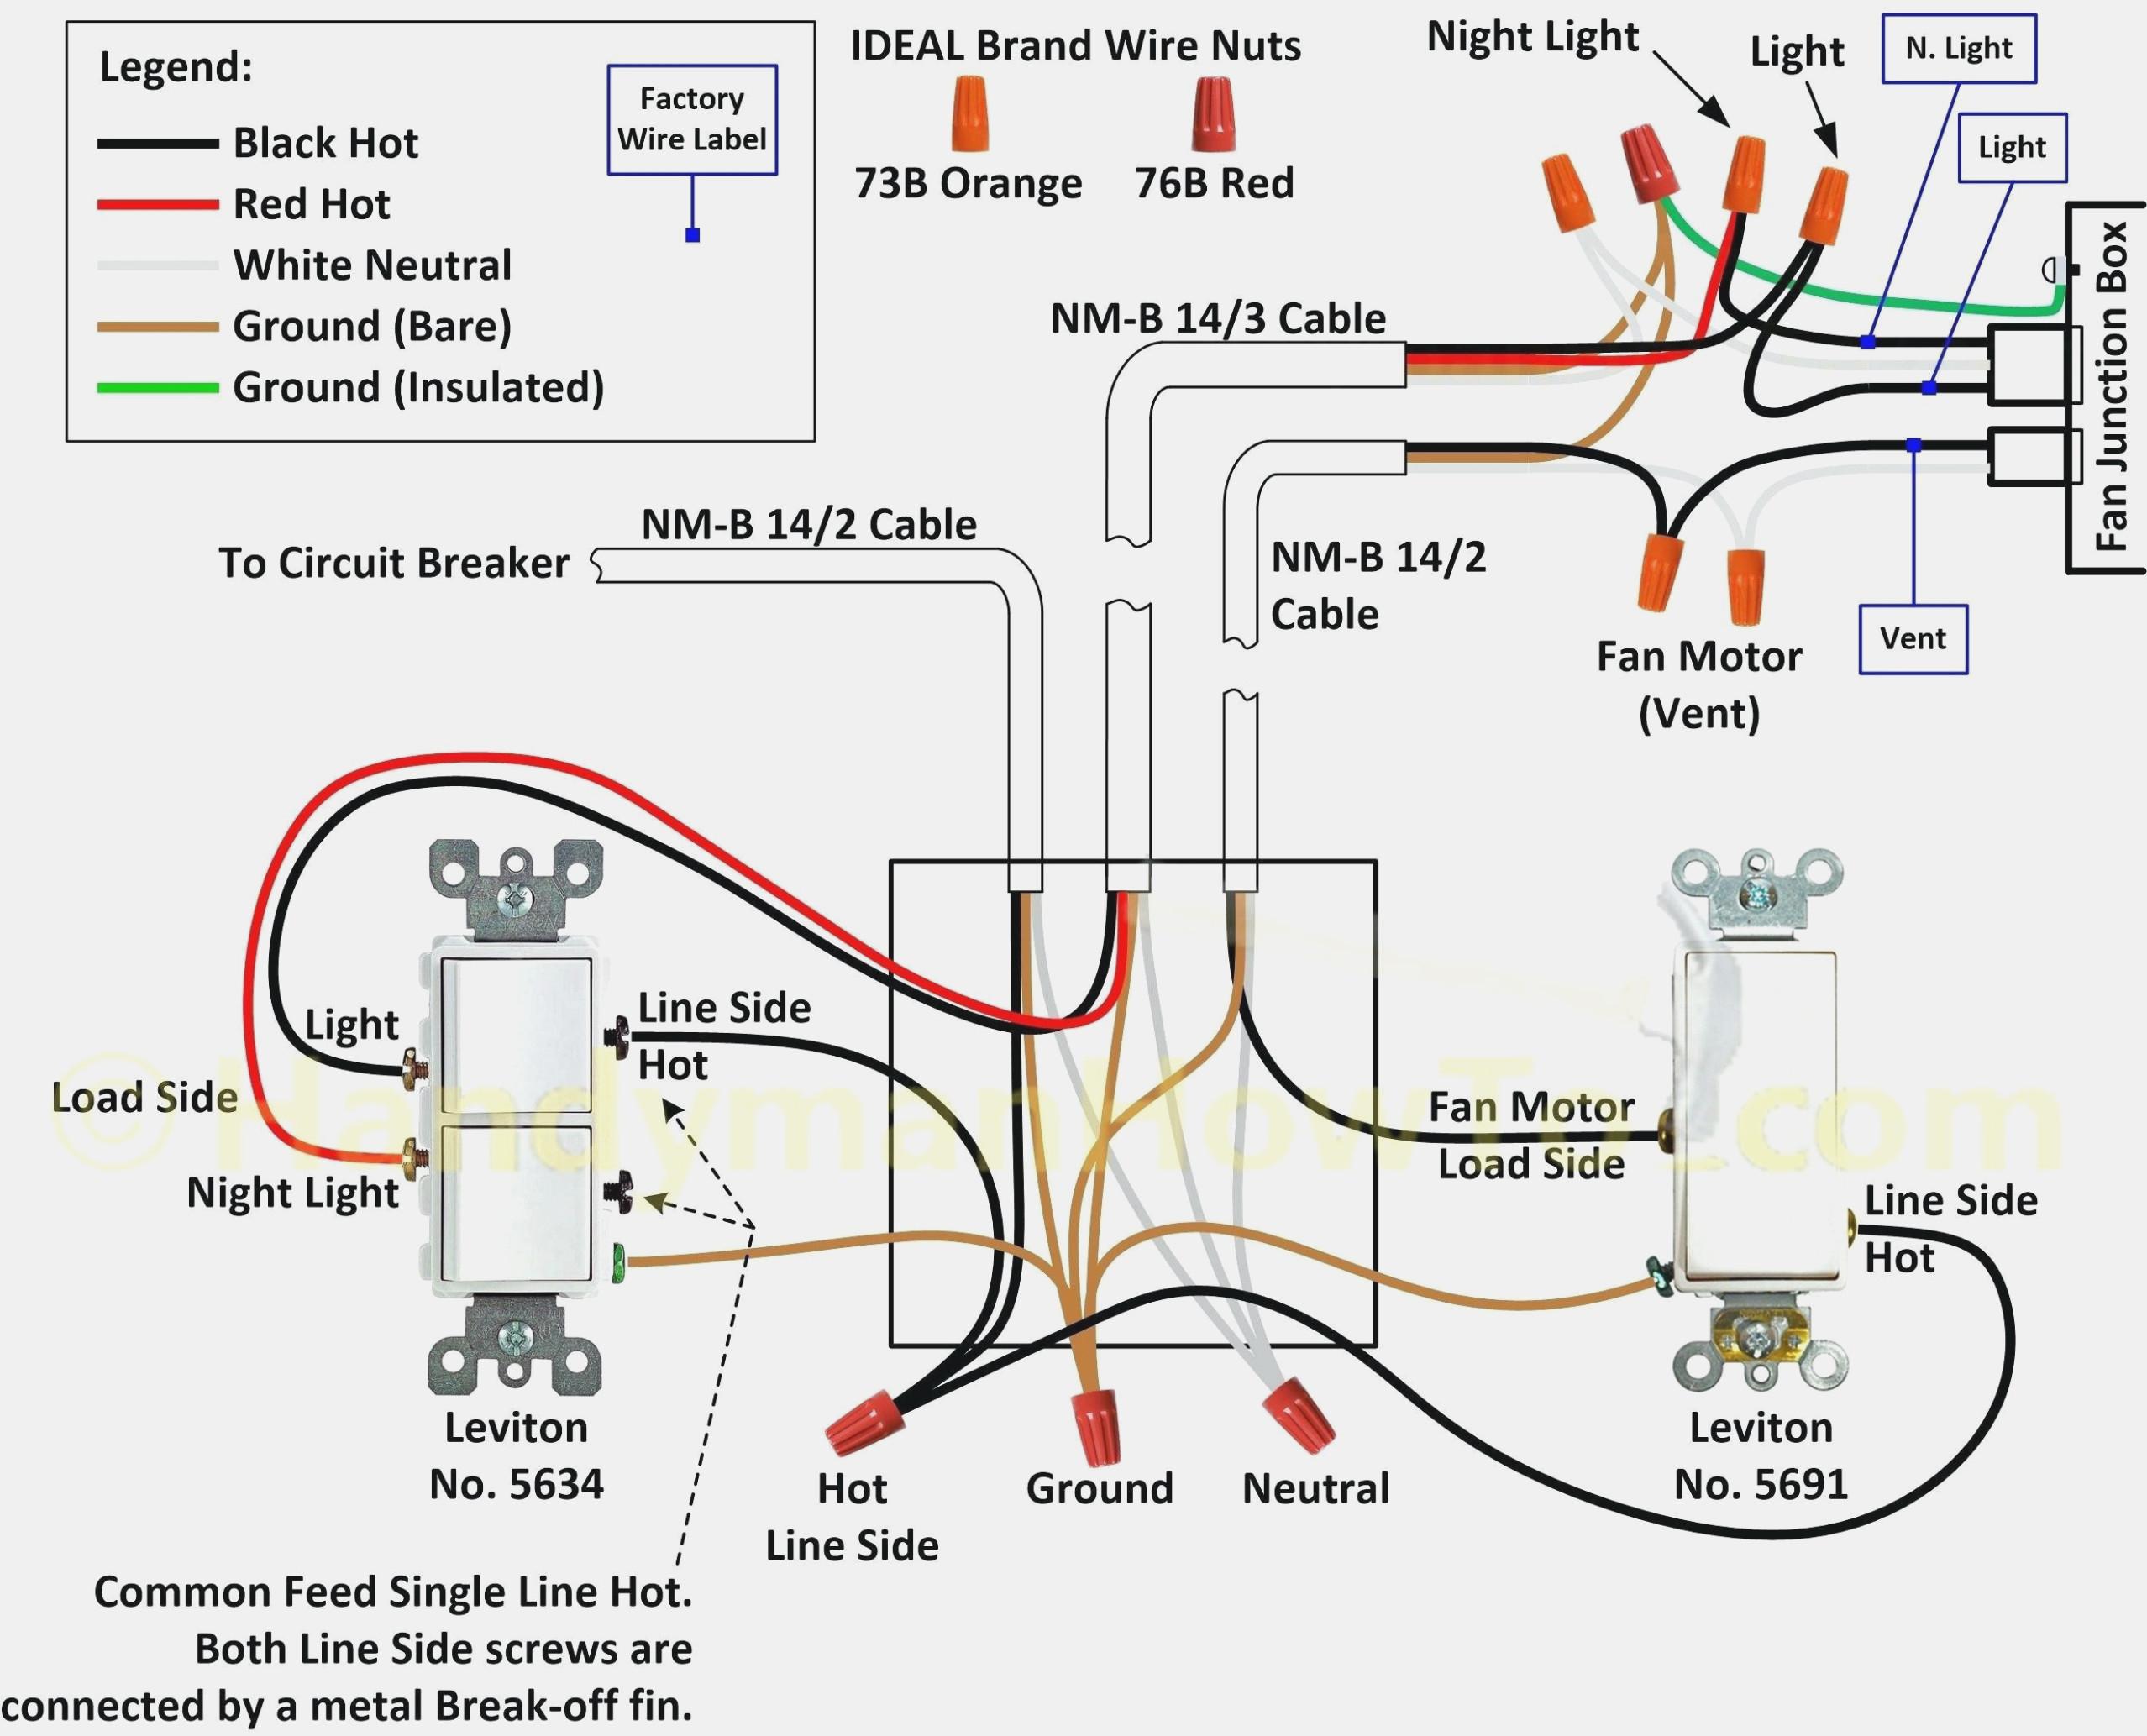 Three Way Dimmer Switch Wiring Diagram   Wiring Diagram - Dimming Switch Wiring Diagram